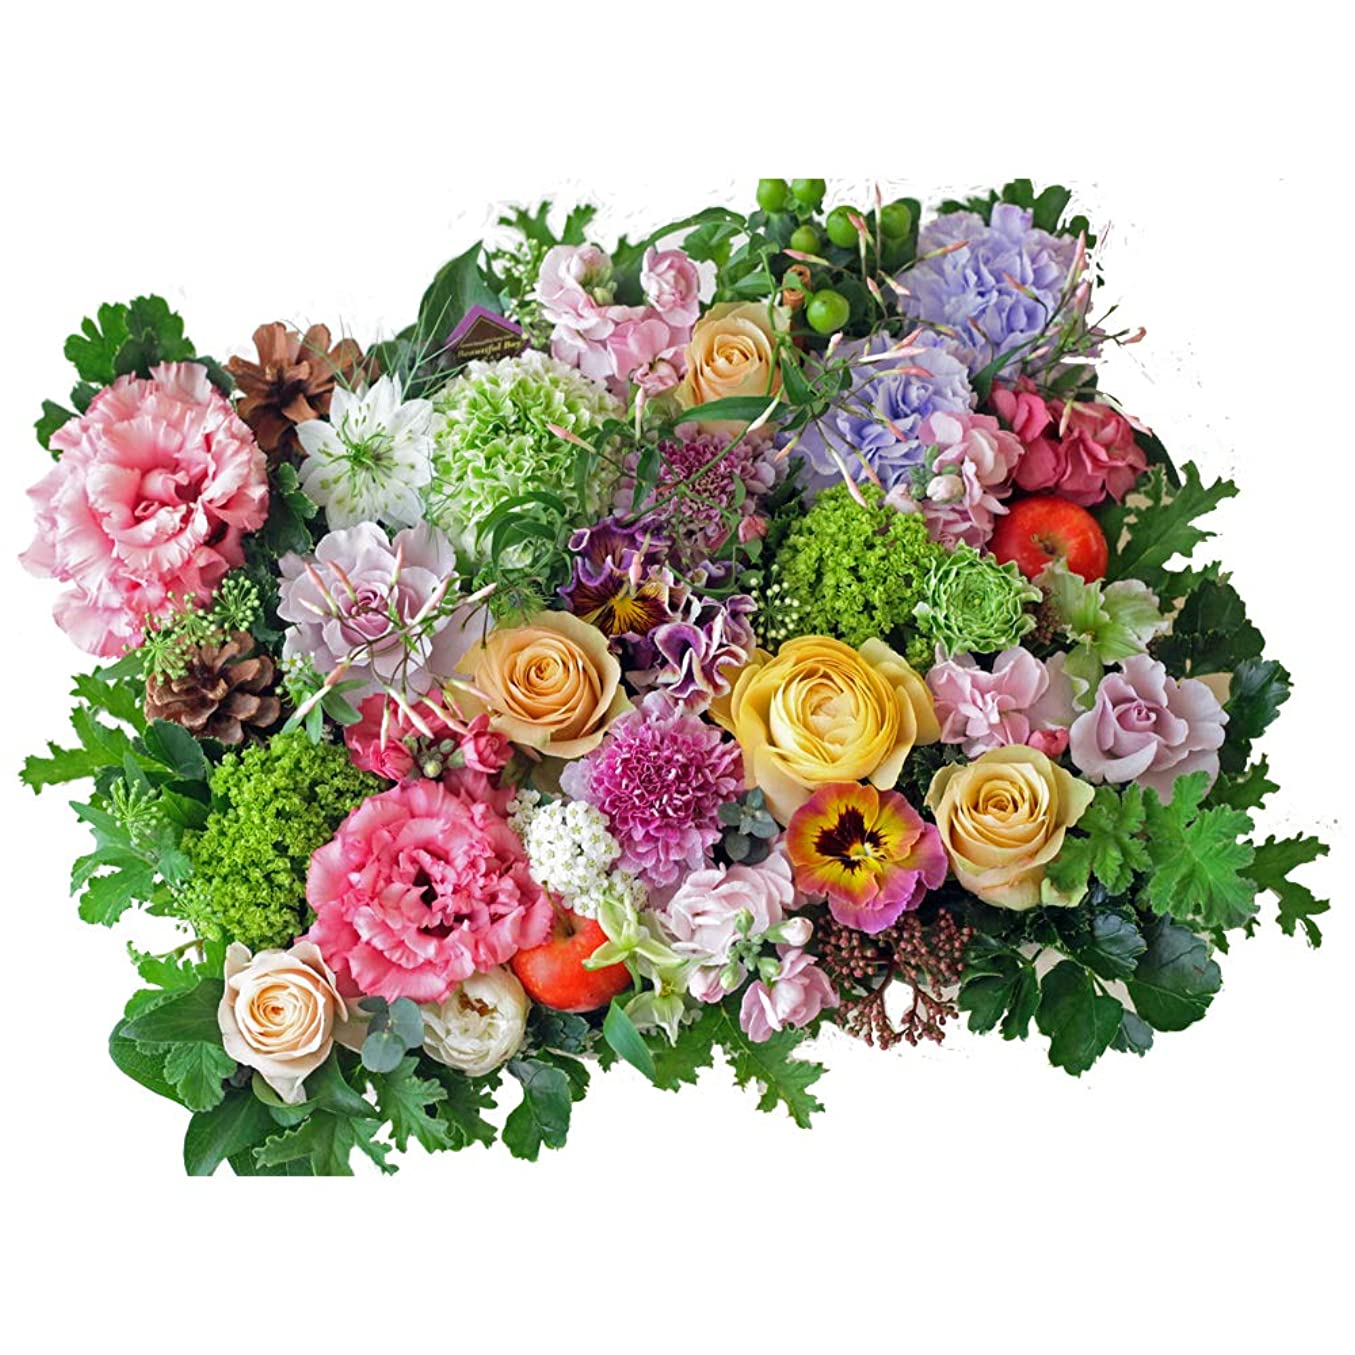 式フクロウ減少フラワー ギフト お祝い Congratulations アレンジメント おめでとう!の気持ちを込めて 季節のお花を使った生花 フラワーアレンジメント Congratulationsピック付